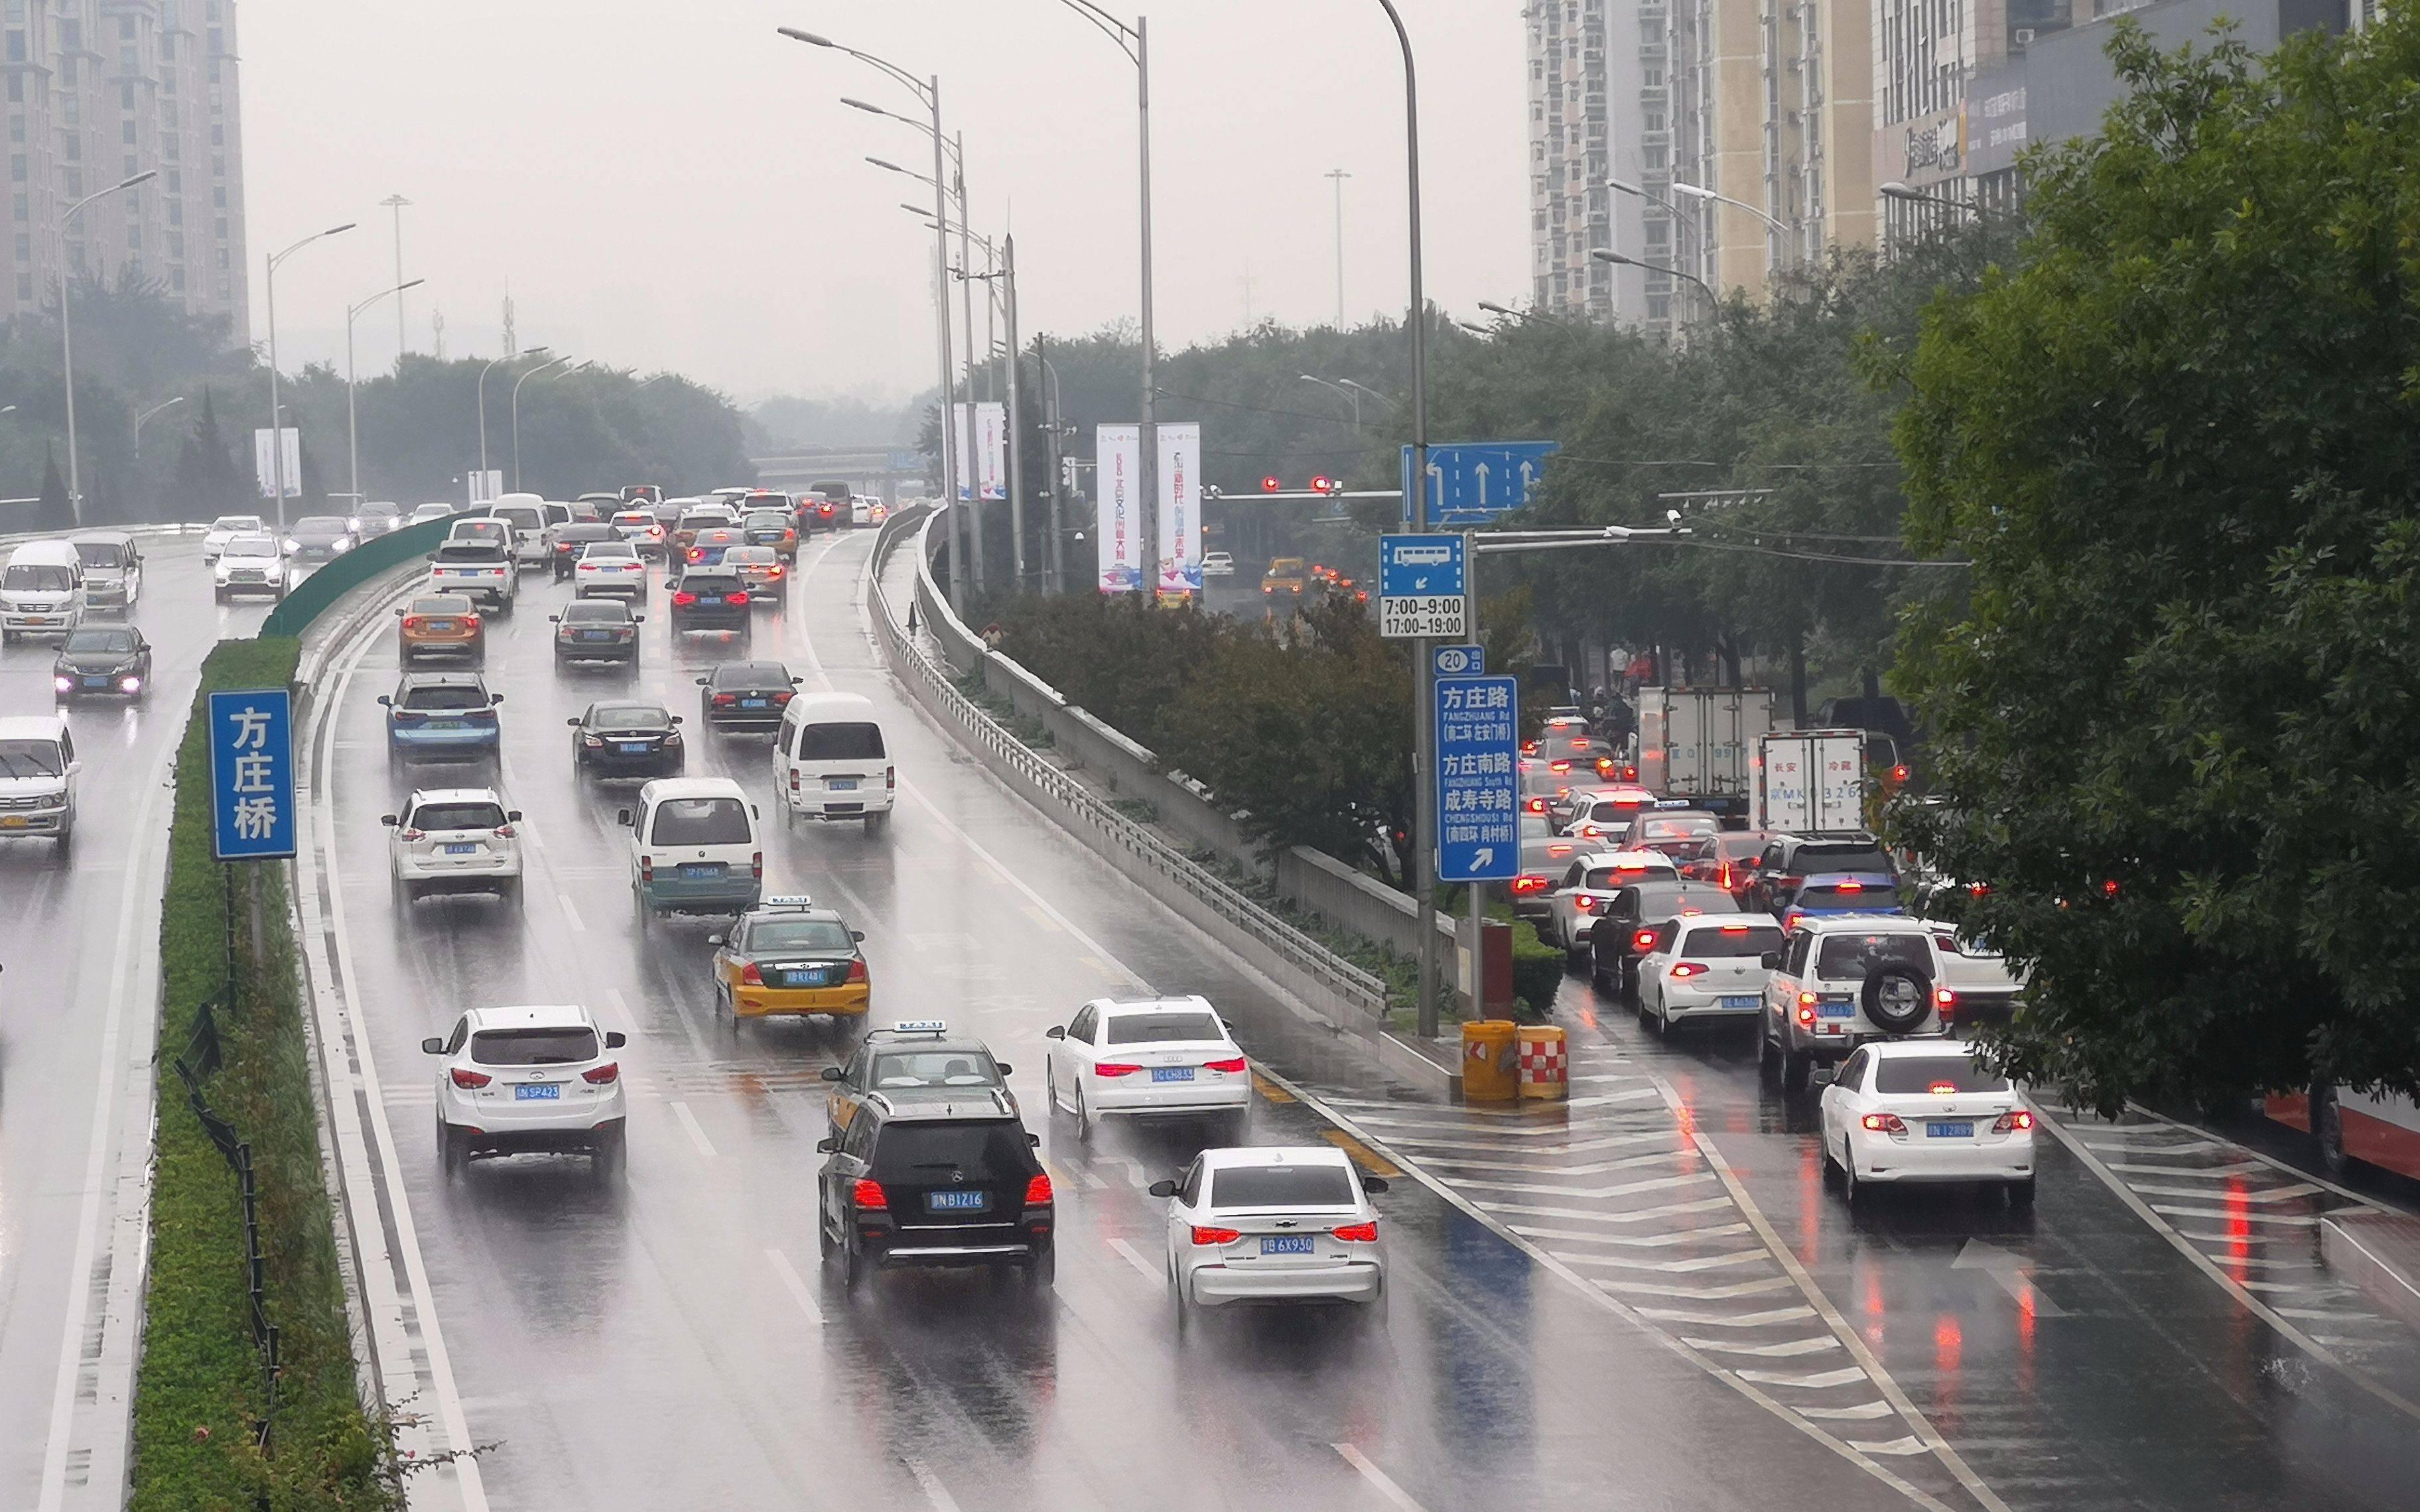 北京今日迎首场秋雨 有乘客早高峰打车要排队等50人